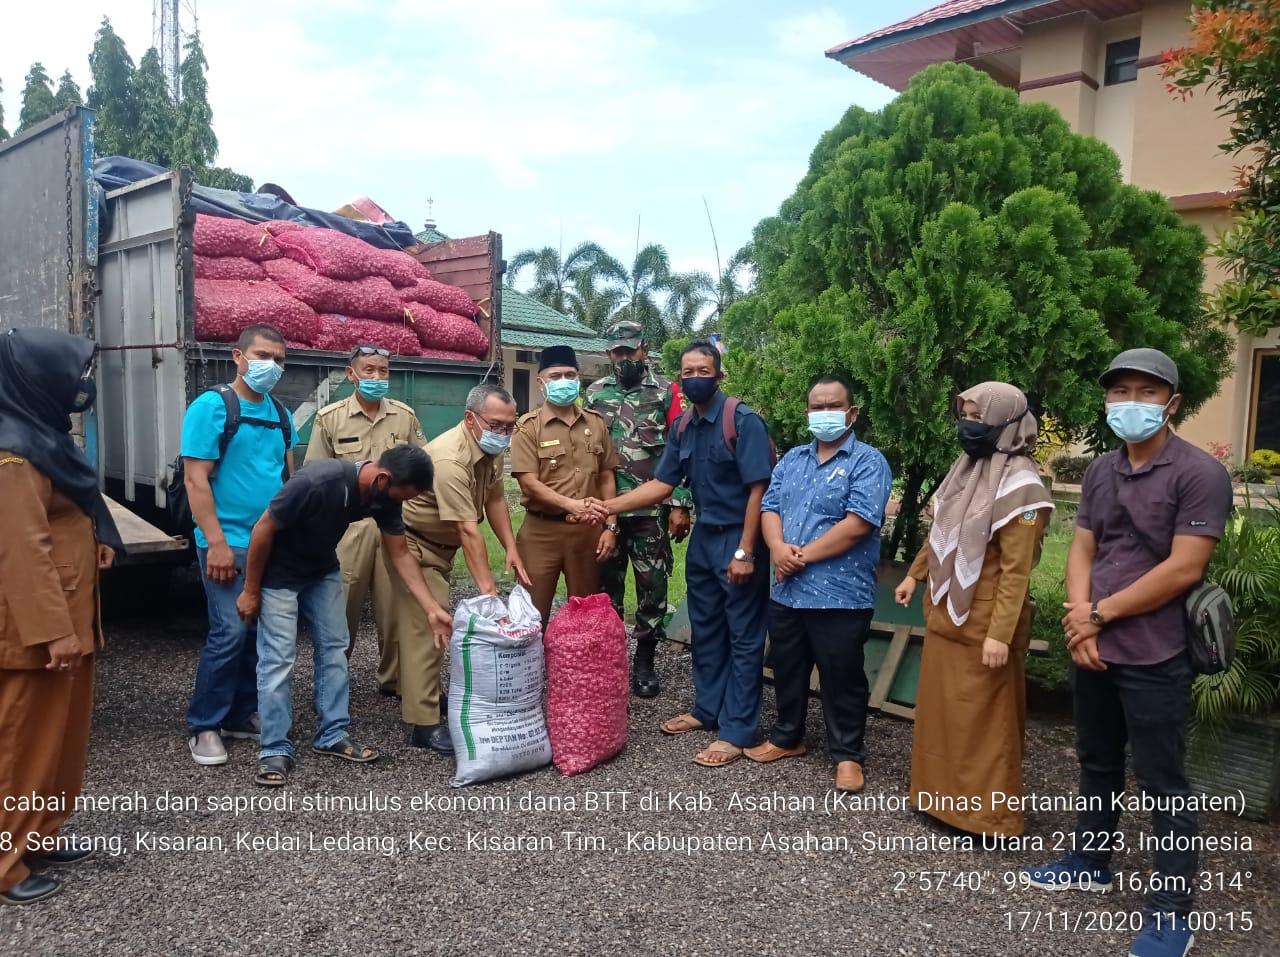 Dinas Pertanian Kabupaten Asahan Salurkan Bantuan GTPP Covid-19 Provsu Kepada Kelompok Tani.